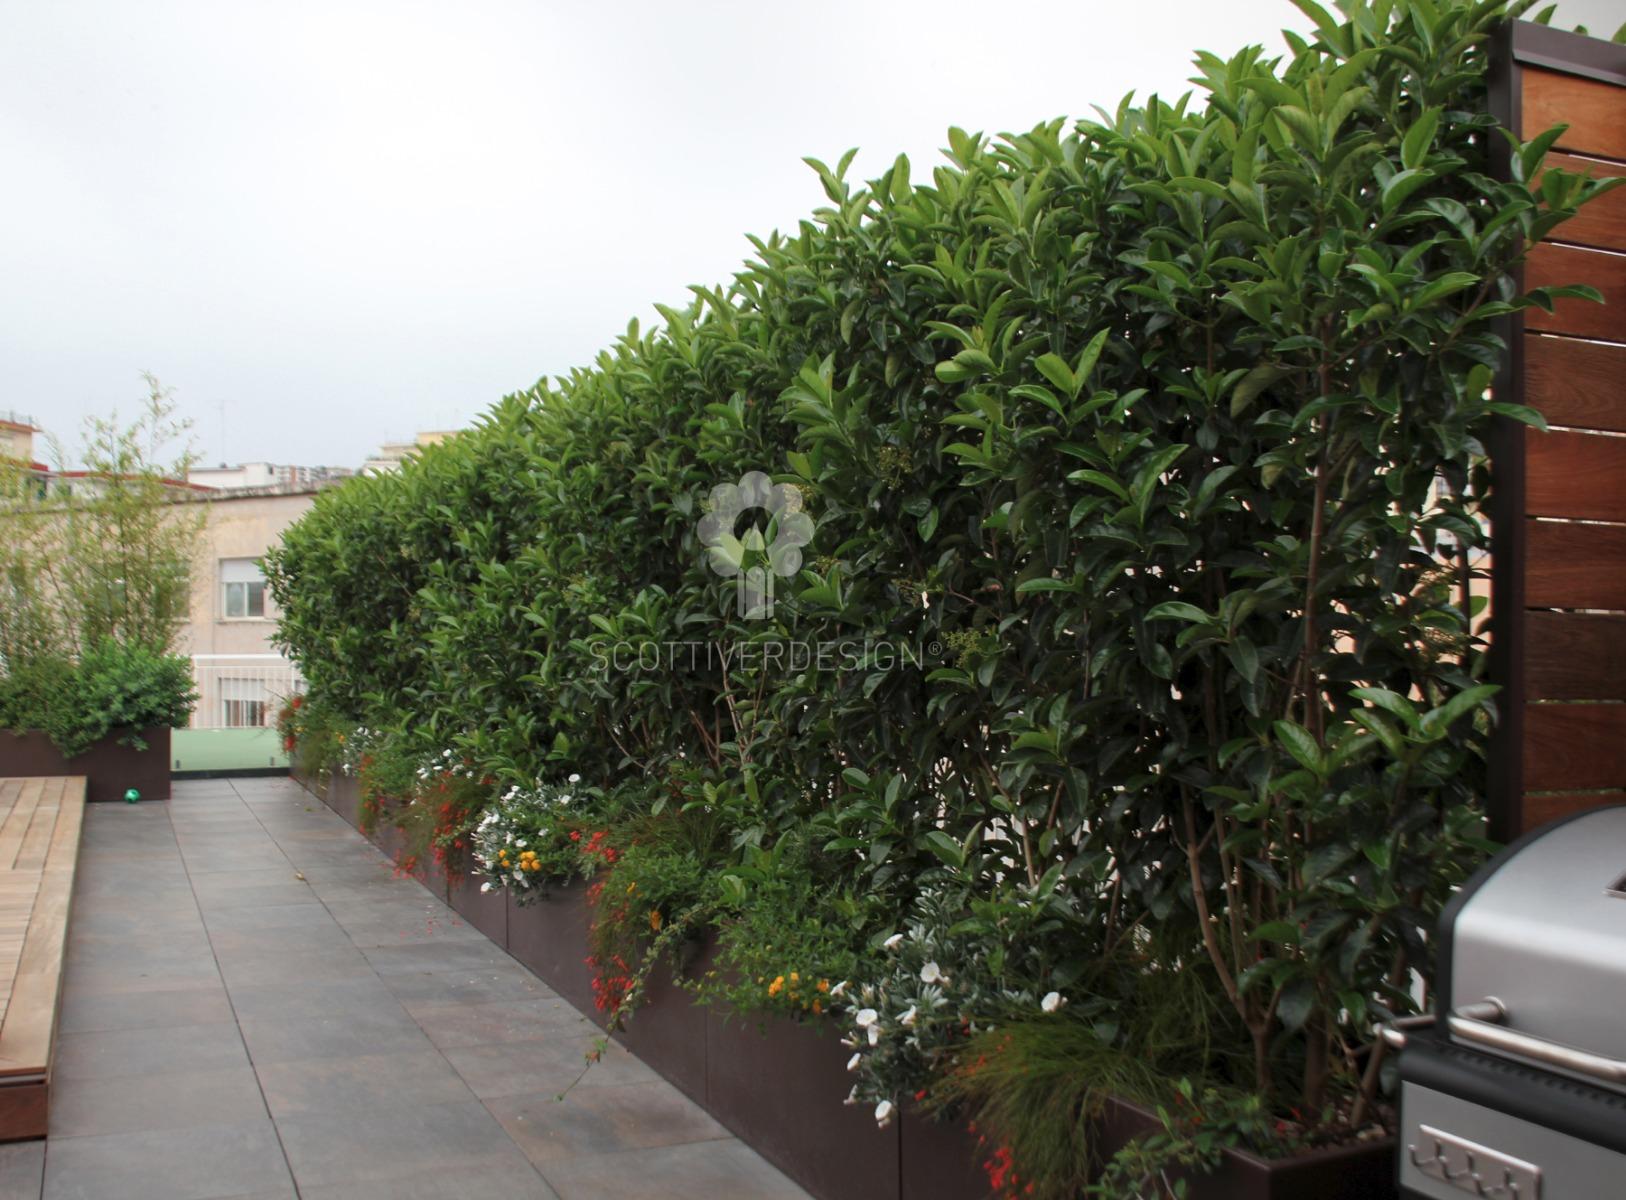 Giardino pensile sul terrazzo scottiverdesign for Siepe in vaso